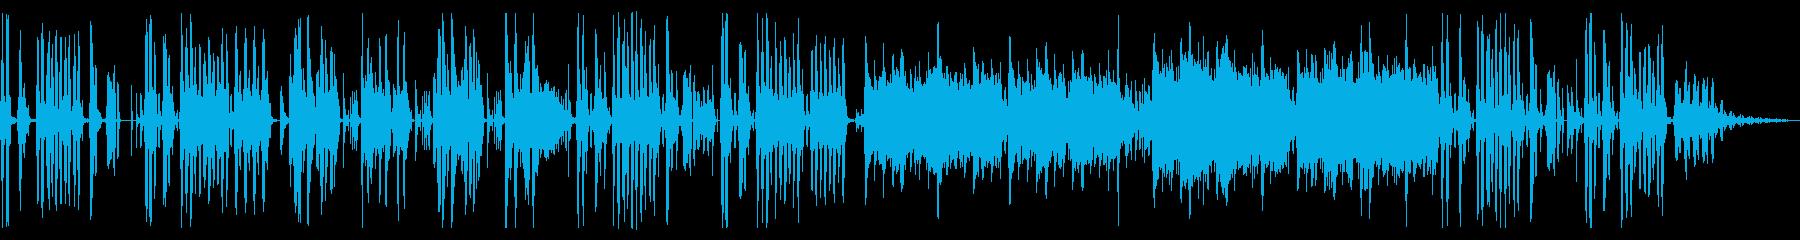 苗字の渡邊 渡辺 渡辺についての歌の再生済みの波形